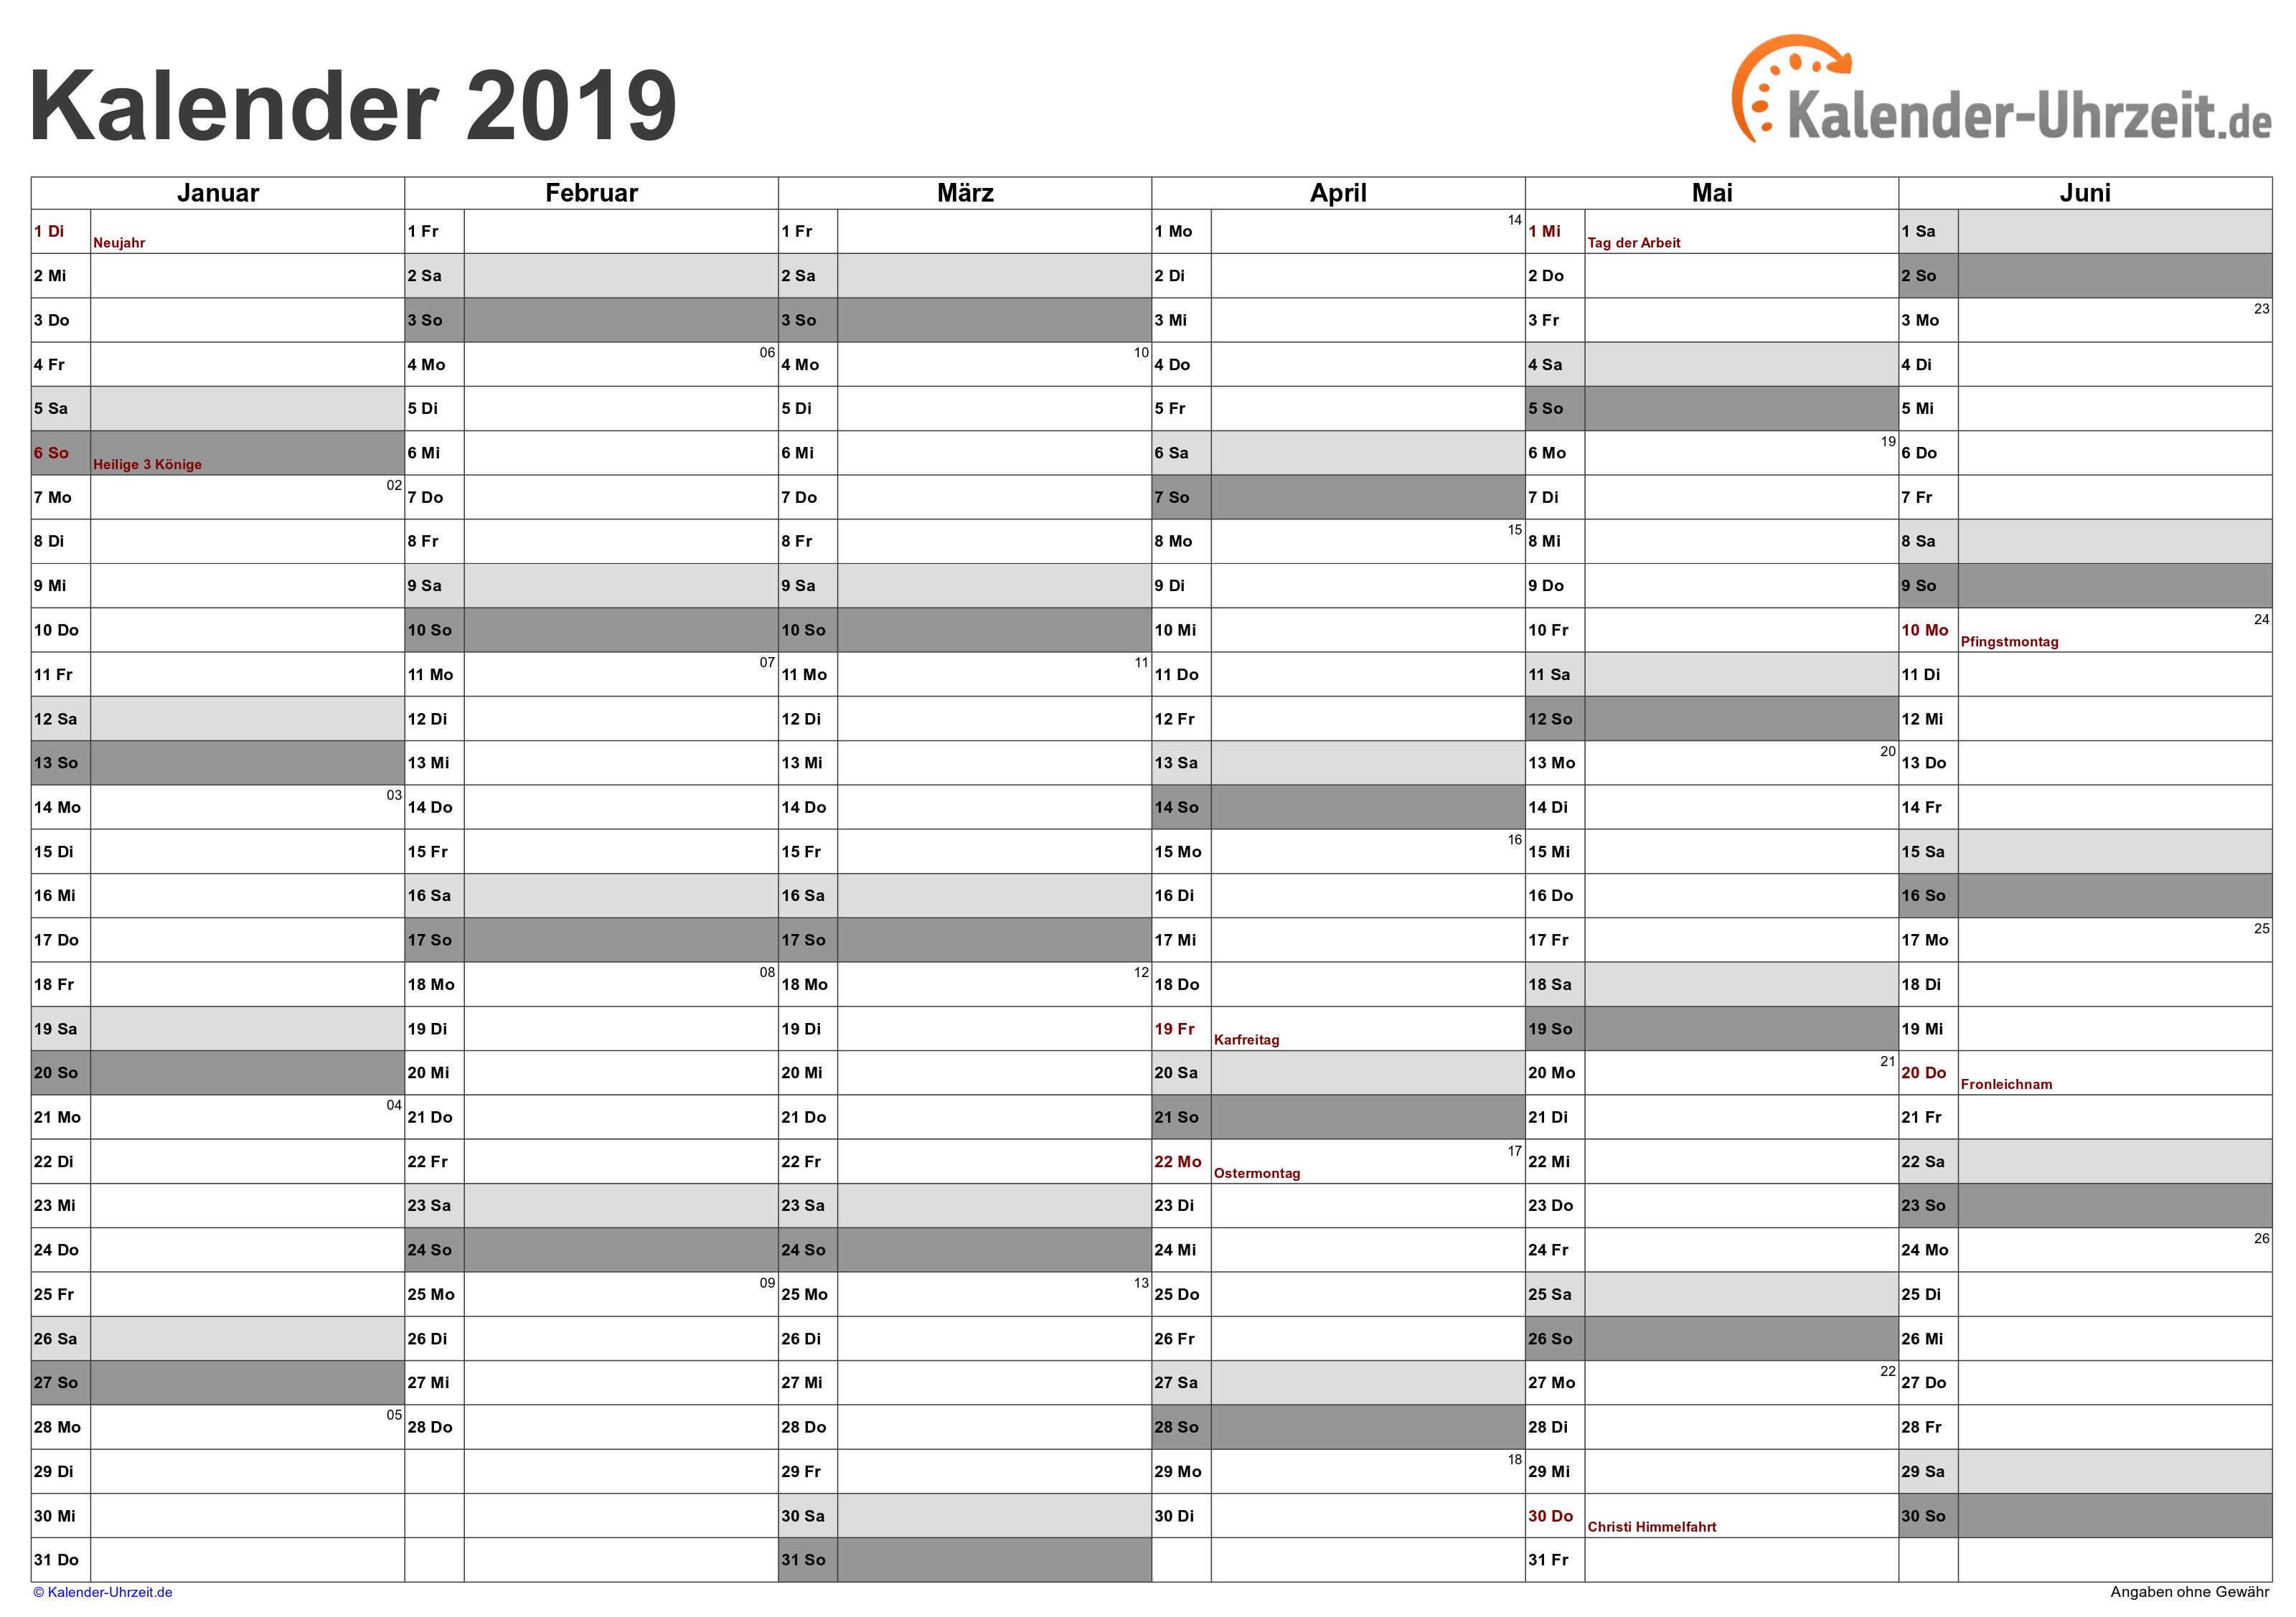 Halbjahreskalender 2019 - Excel-Vorlage 3 Vorschau